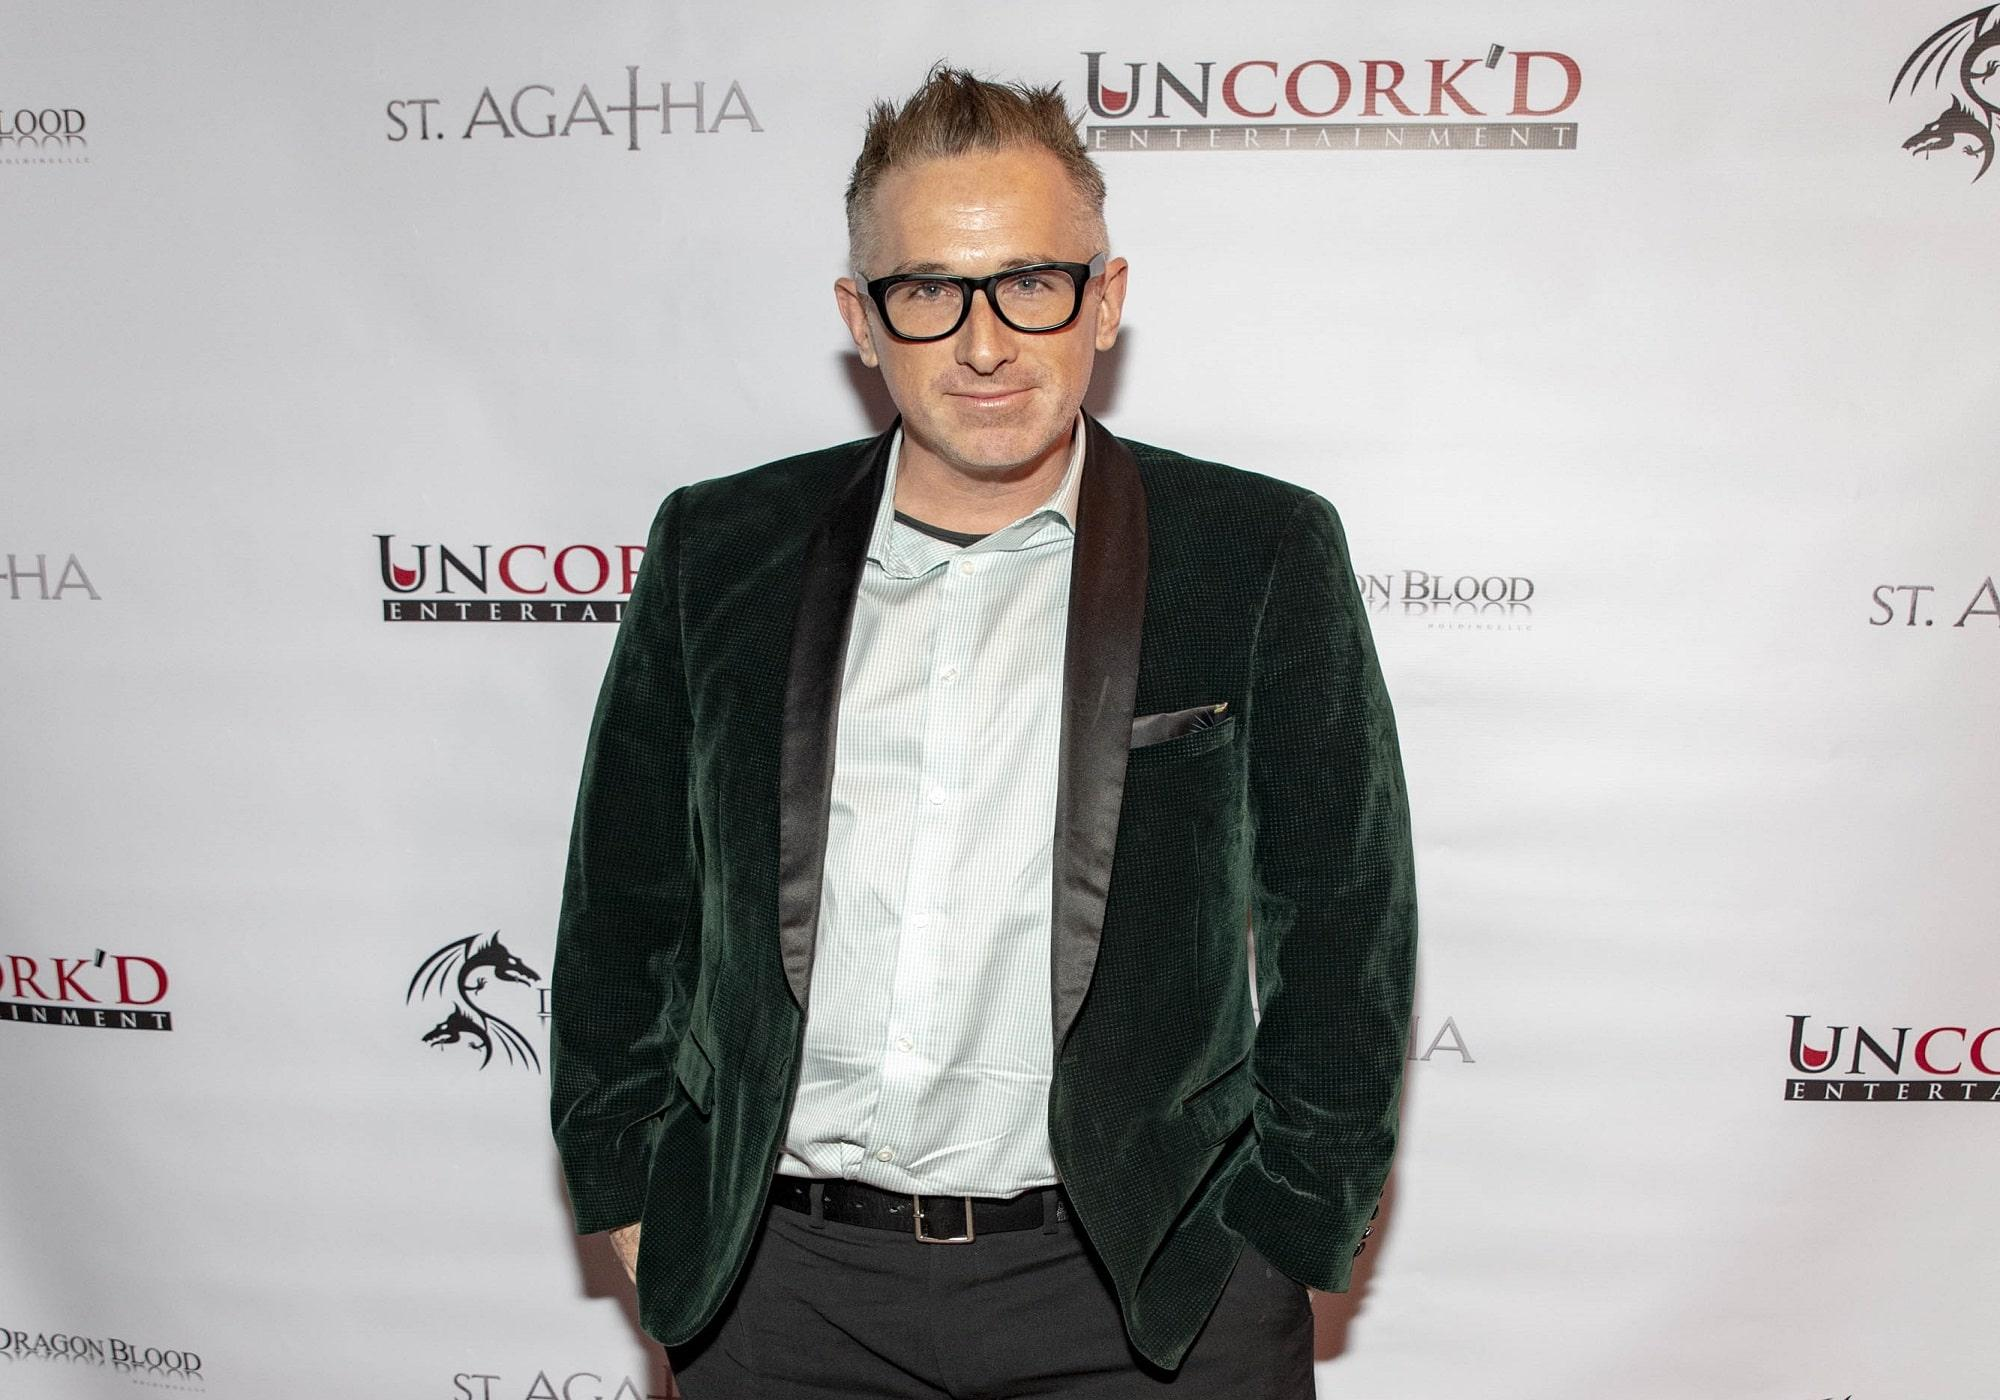 Режиссер новой «Пилы» рассказал, чем «Спираль» отличается от других фильмов серии